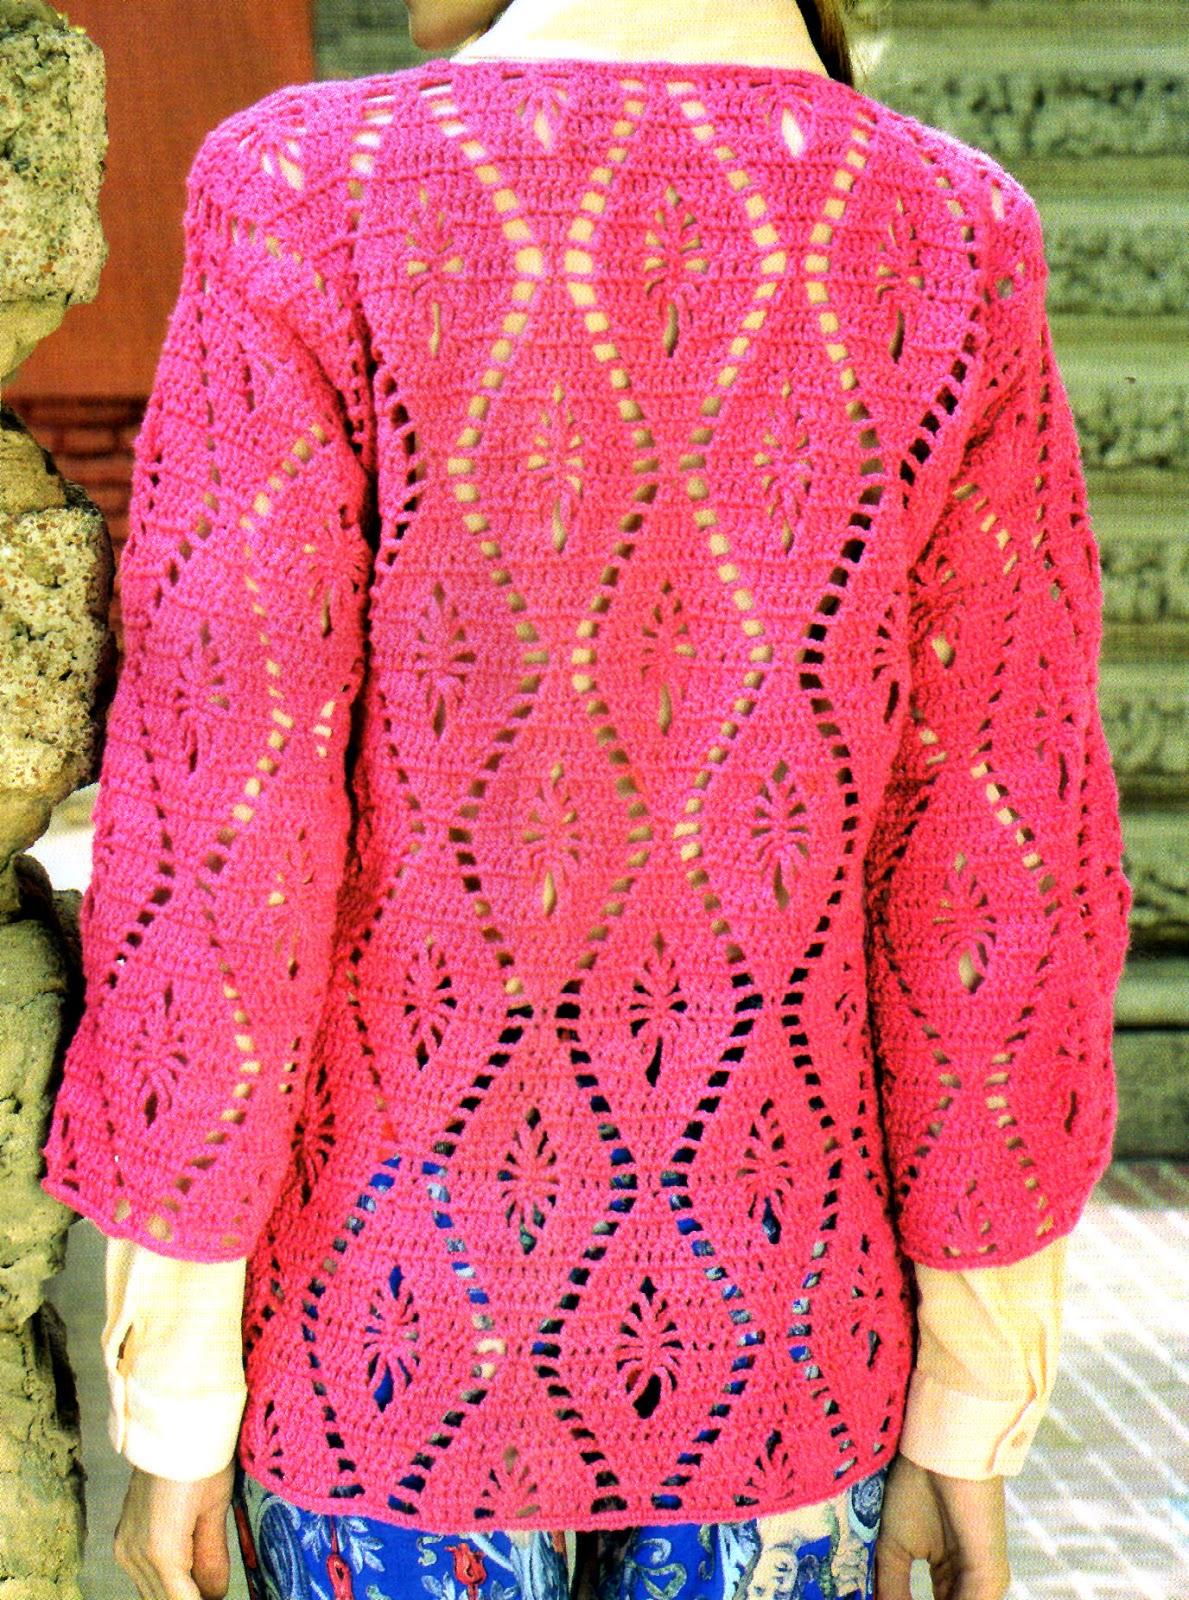 tejidos artesanales en crochet  sueter calado tejido en crochet ... 6ba229965150